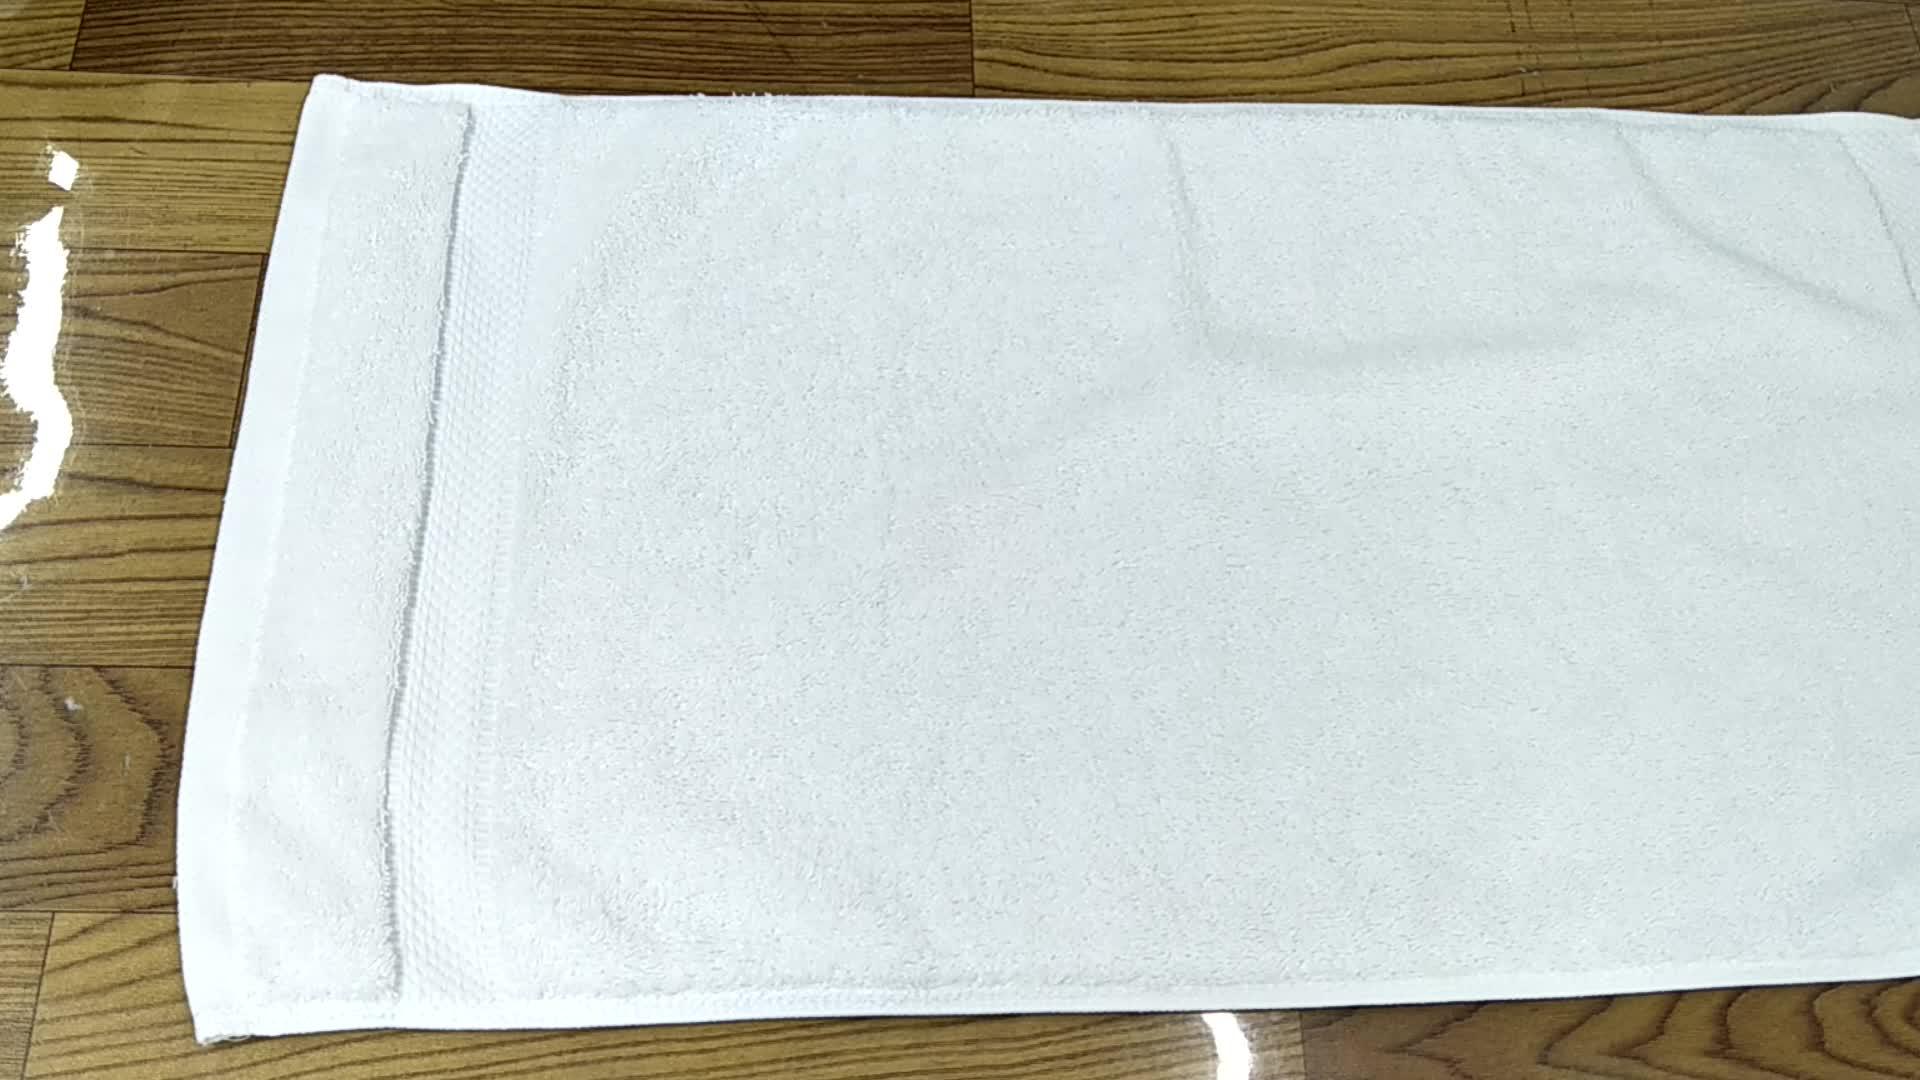 Khách Sạn Khăn Tắm Bộ Khách Sạn Sang Trọng 100% Cotton 3 Mảnh Khăn Tắm Tập